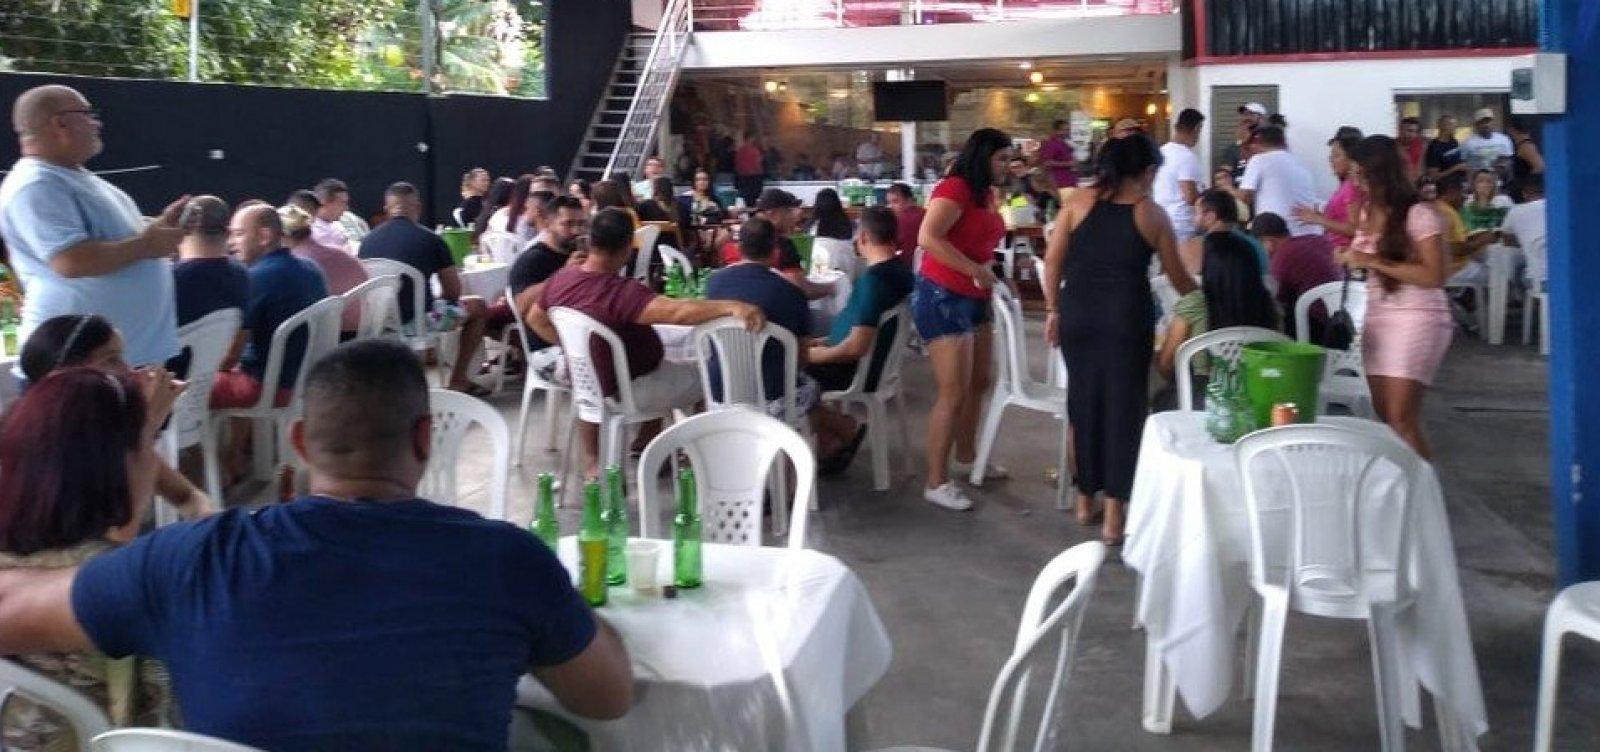 [Em Manaus, fiscalização encerra festa clandestina com mais de 200 pessoas ]